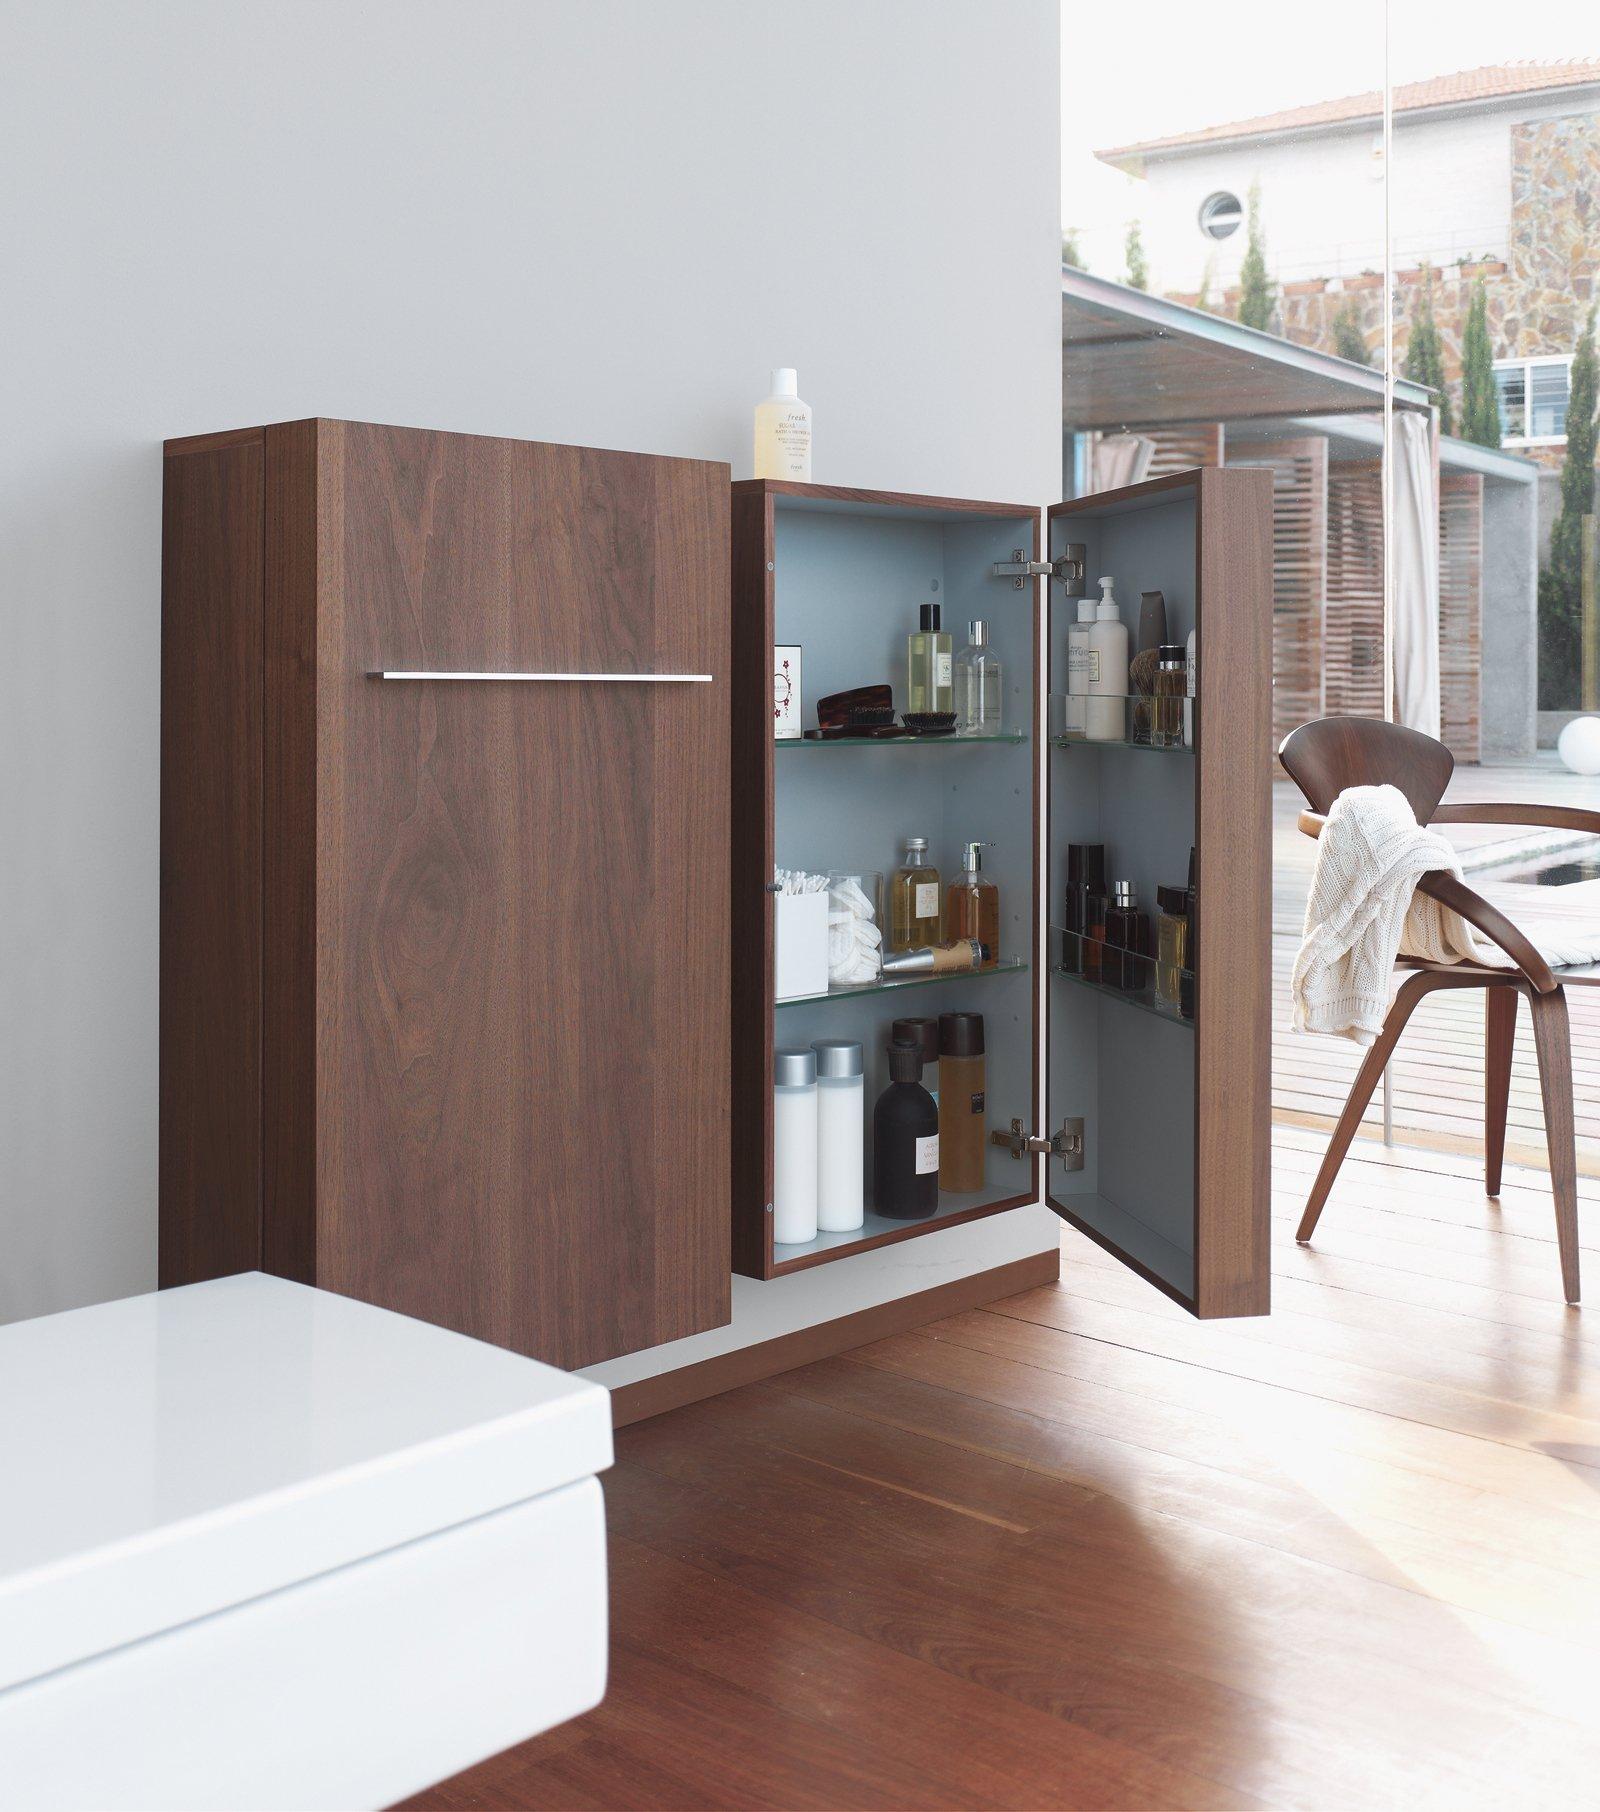 Casabook immobiliare bagno piccolo arredo componibile e - Mobile bagno 50 cm ...